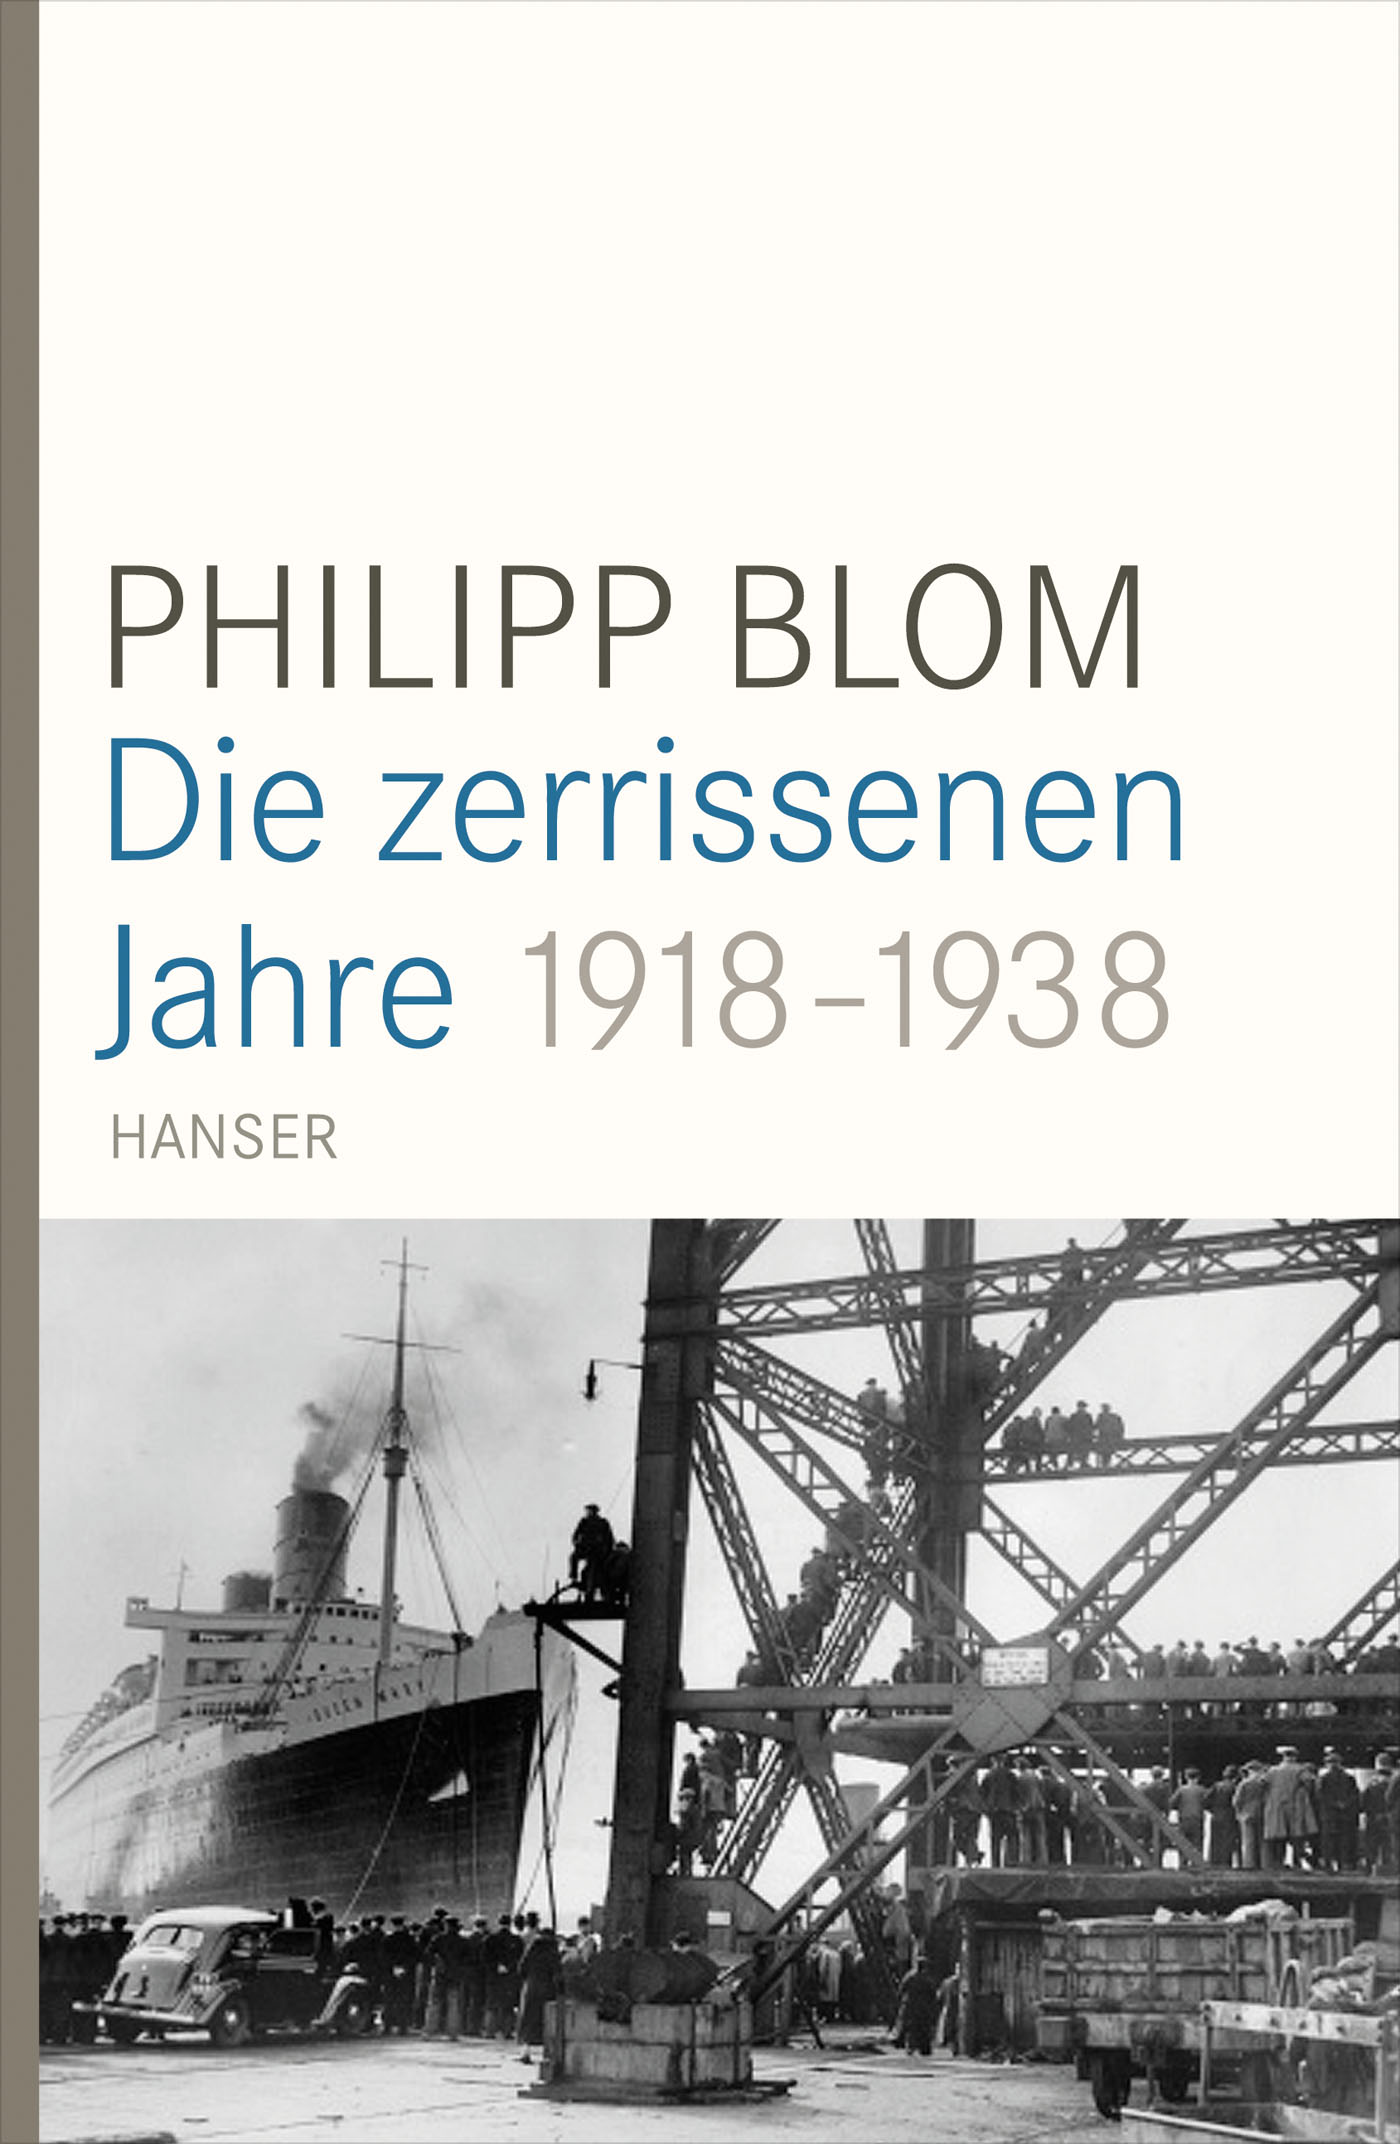 Philipp Blom. Die zerrissenen Jahre 1918-1938